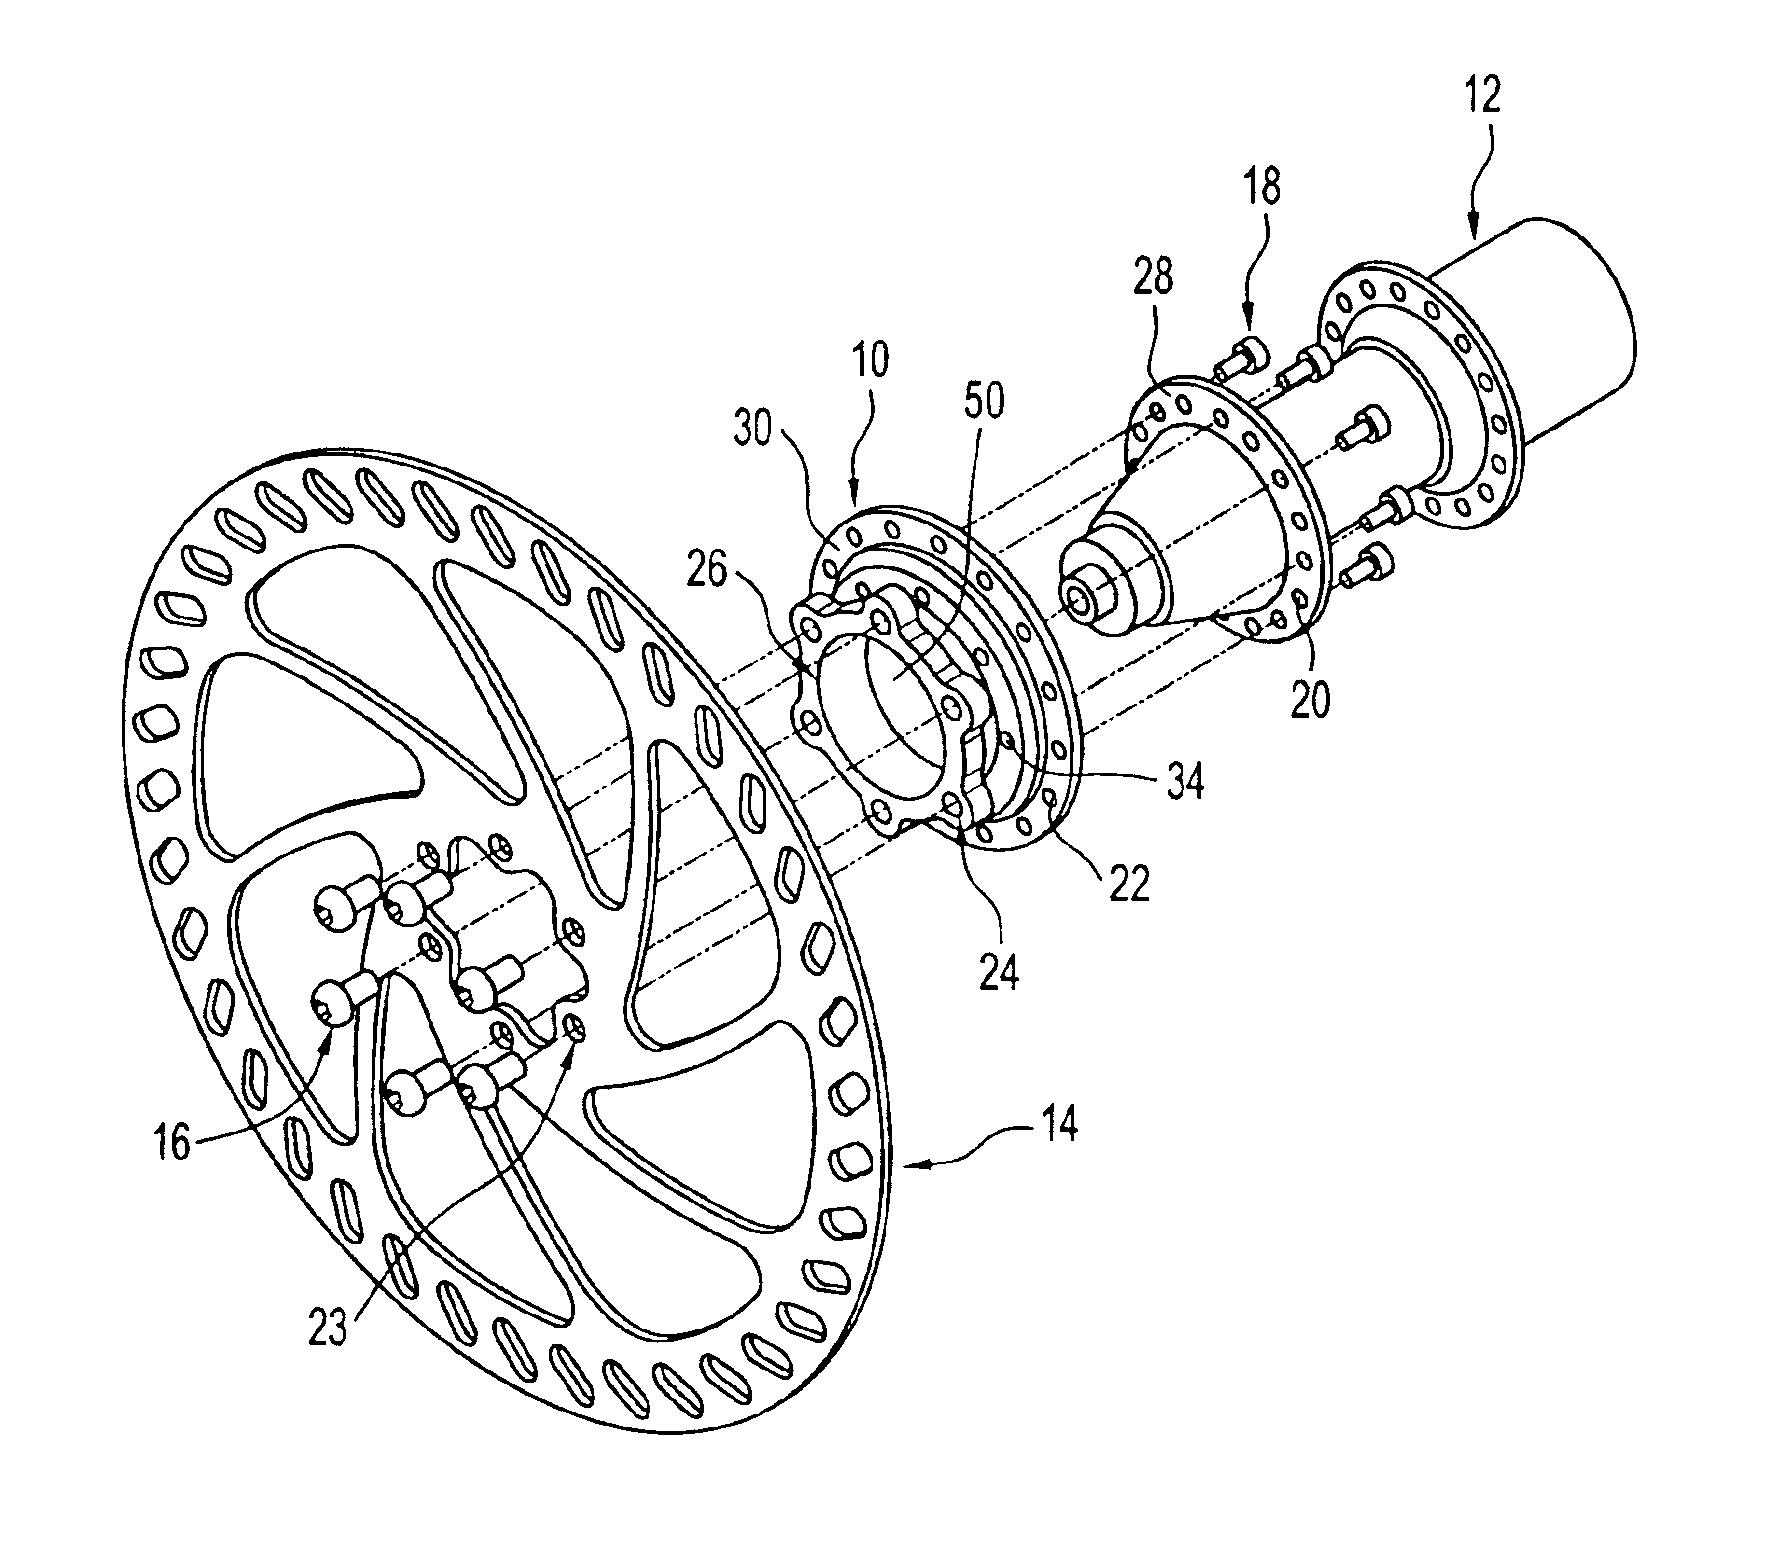 patent us6880897